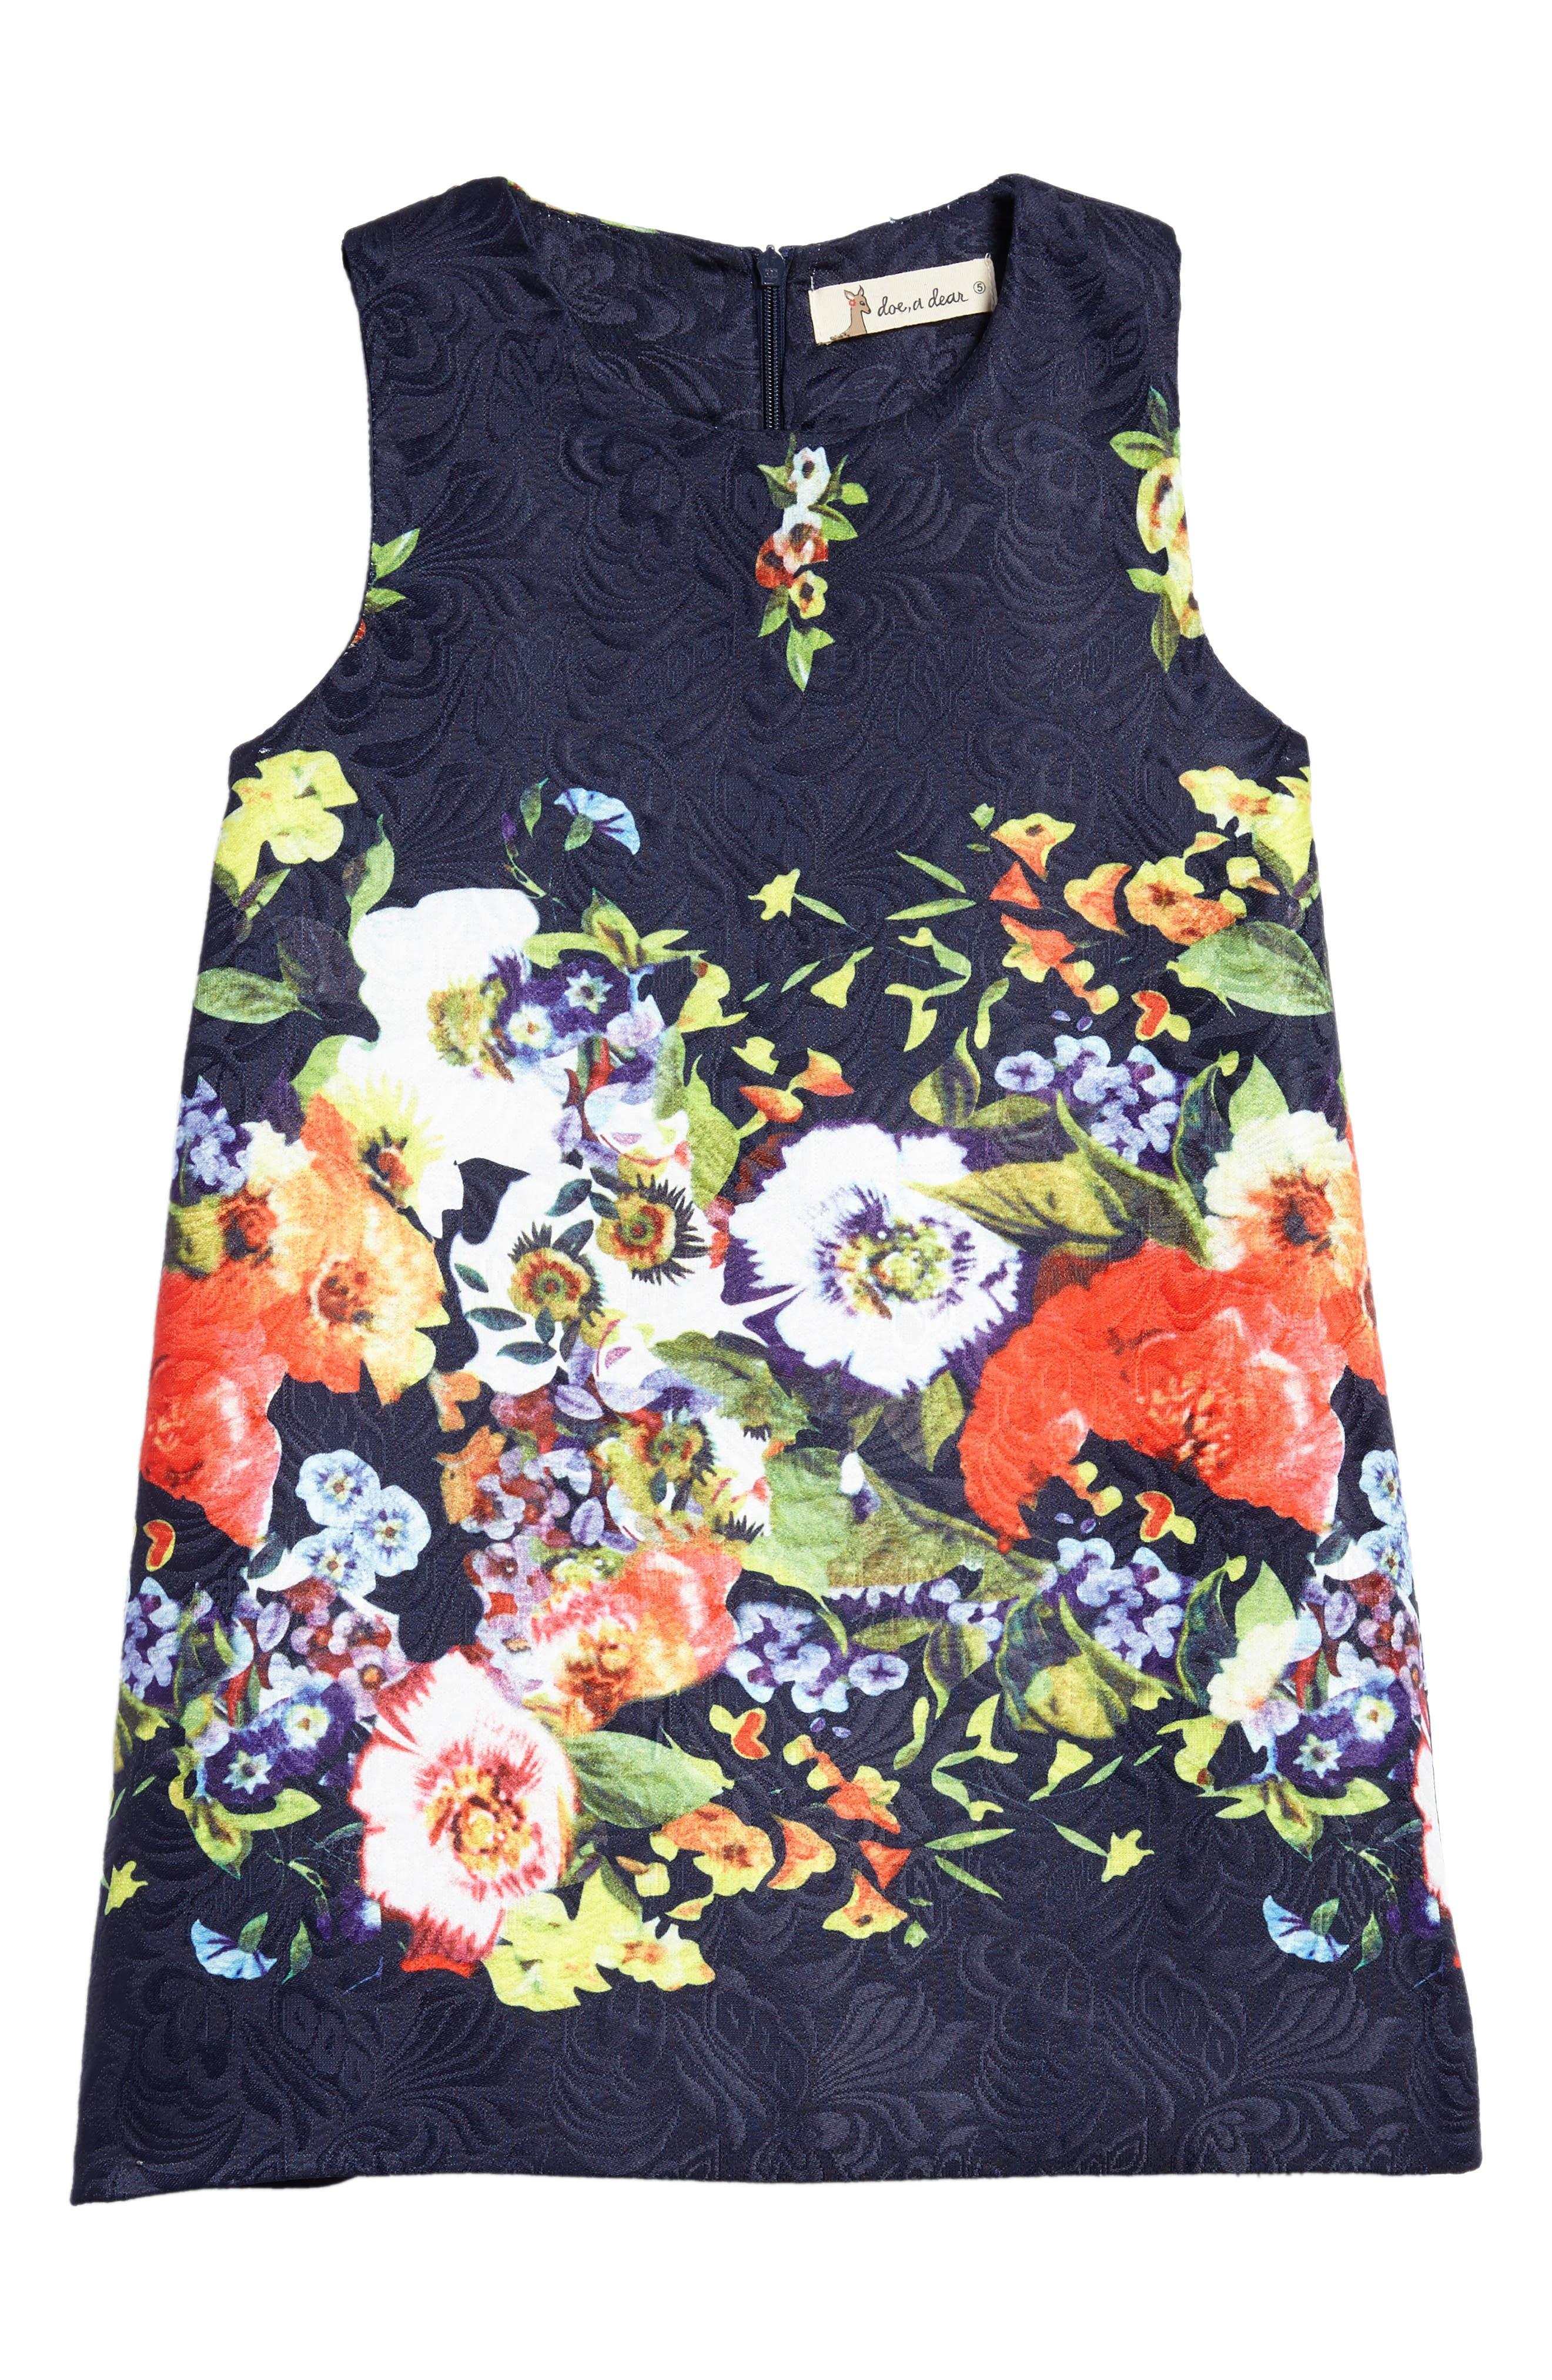 Doe a Dear Floral Jacquard Dress (Toddler Girls & Little Girls)